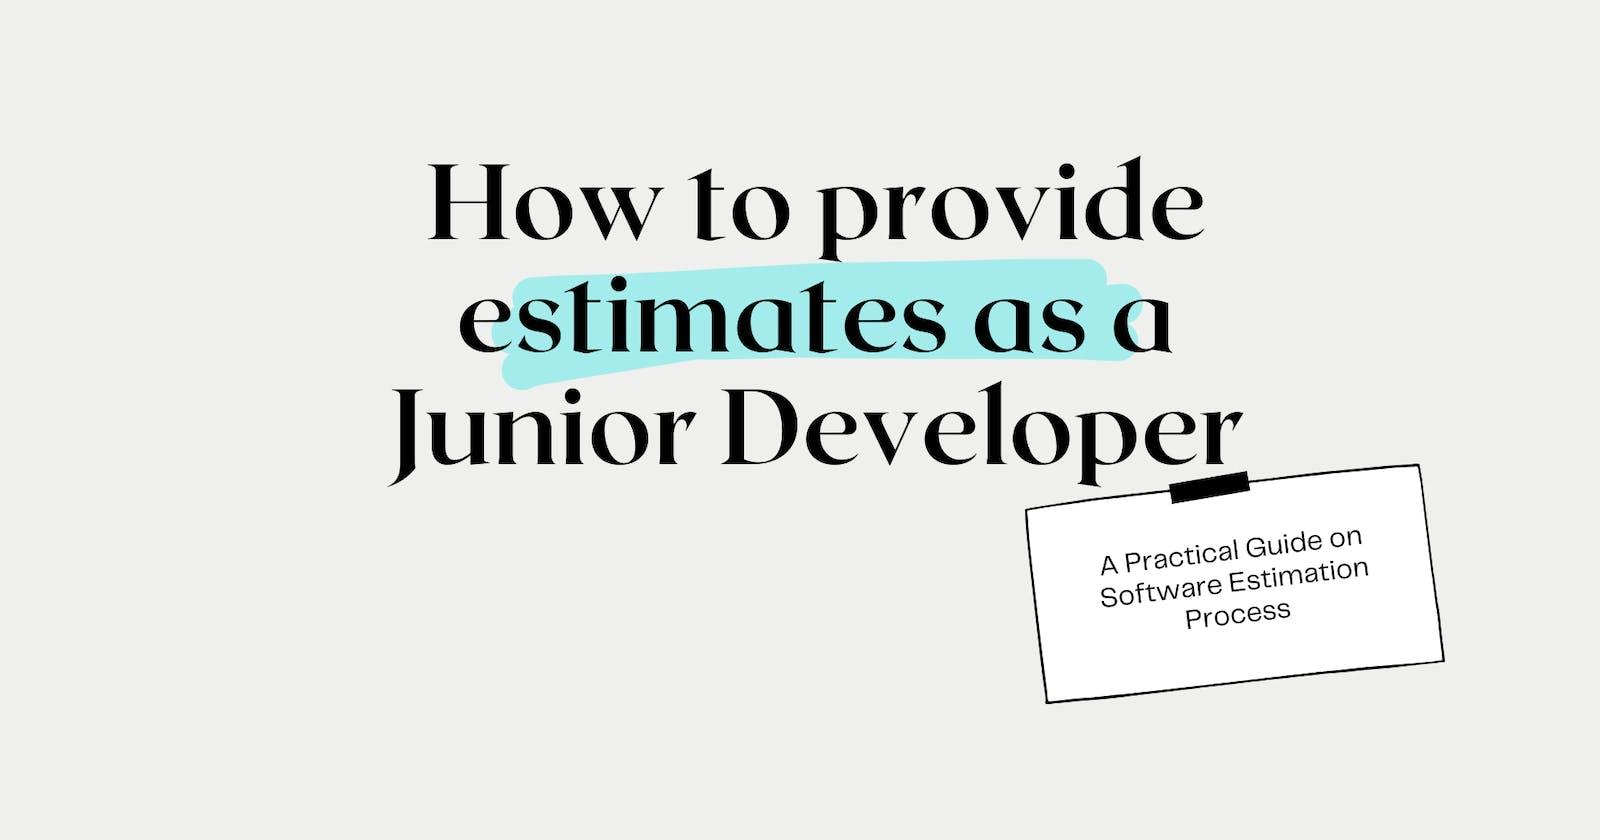 How to provide estimates as a Junior Developer?